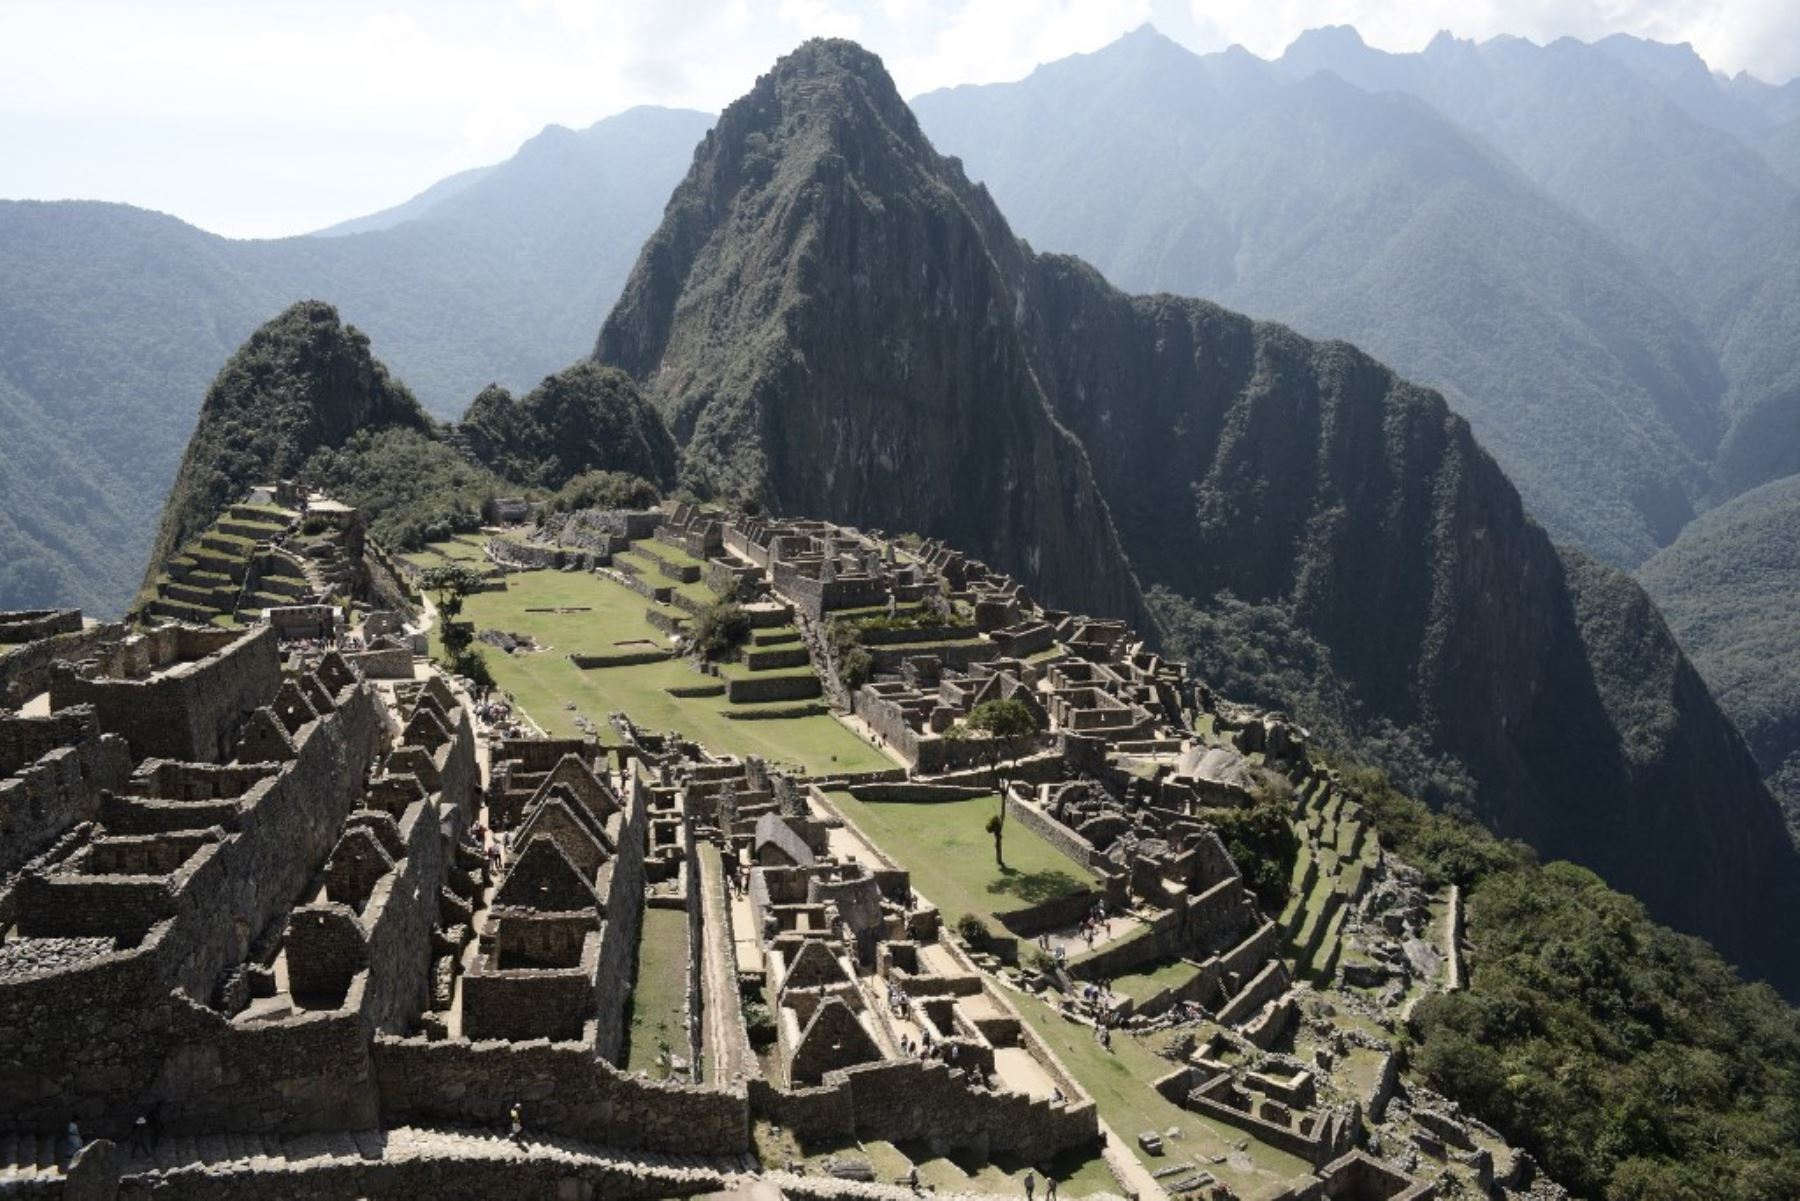 Condé Nast Traveler, prestigiosa publicación internacional, especializada en turismo de lujo y estilo de vida, recomendó a la ciudadela inca de Machu Picchu, principal atractivo turístico del Perú y una de las siete nuevas maravillas mundiales, como uno de los once mejores lugares del planeta para viajar este mes de mayo. Foto: AFP